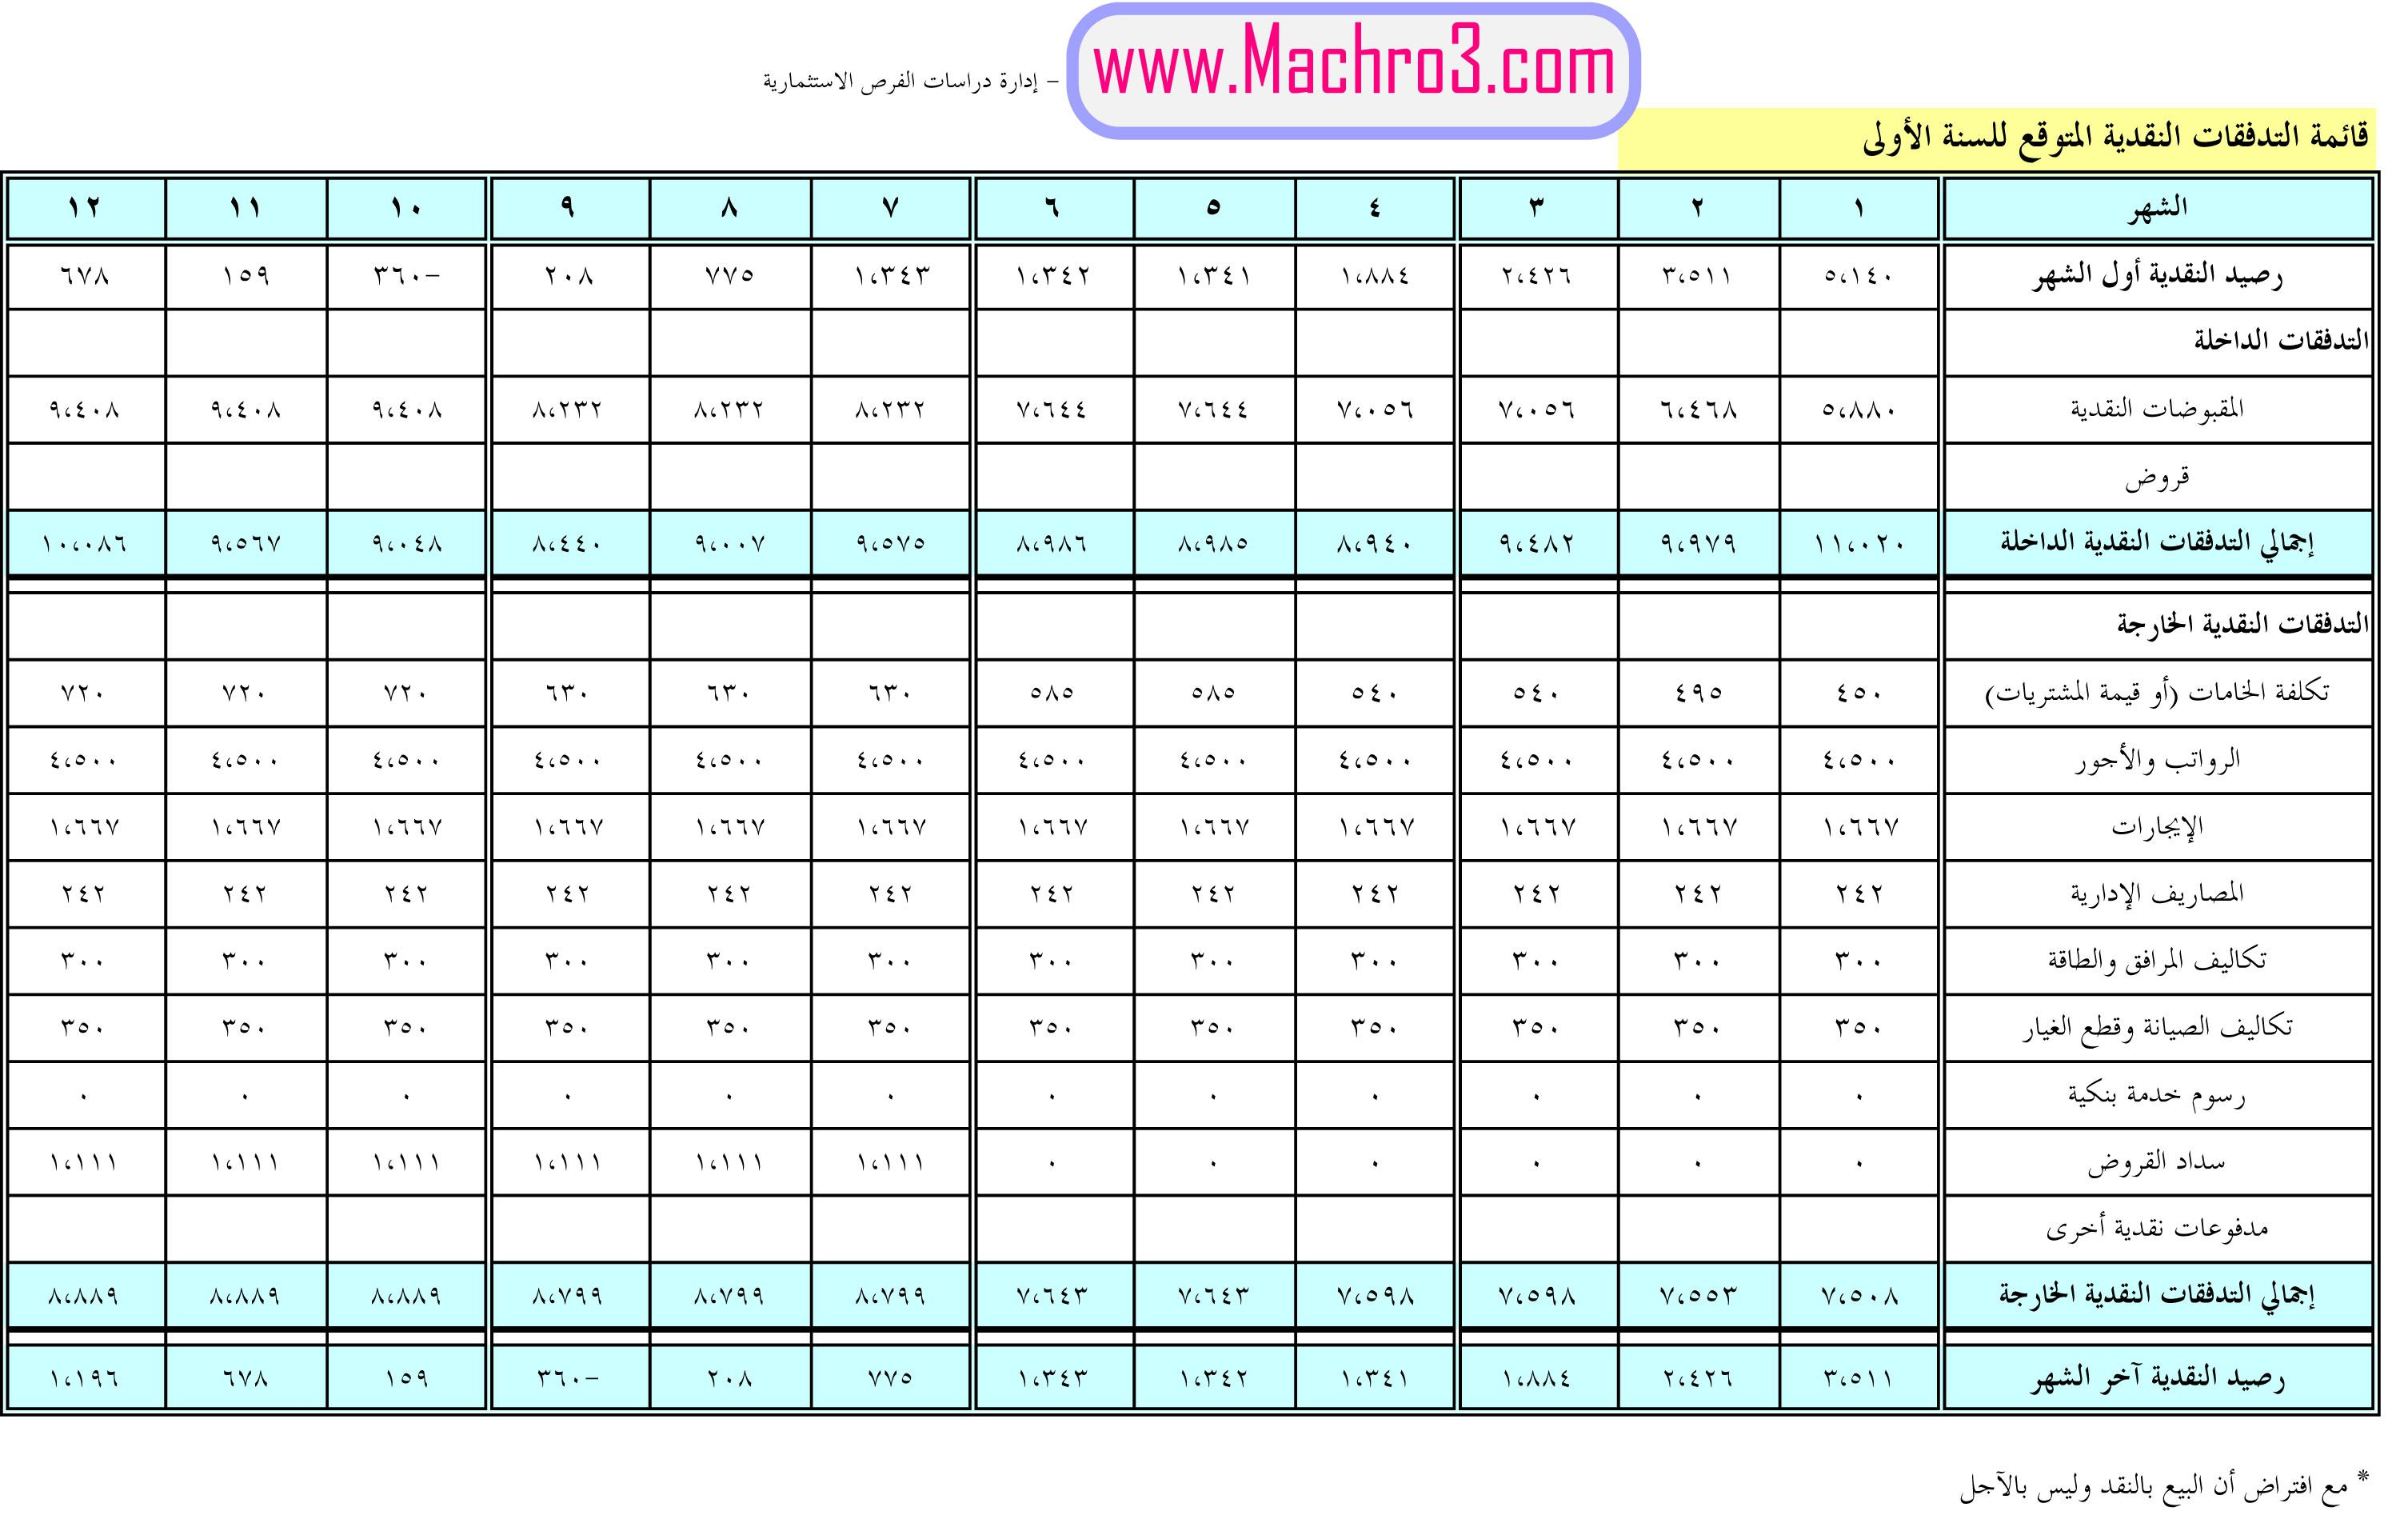 Pin By موقع مشروع Mchro3 Com On دراسة جدوى جاهزة مجانا لفكرة مشروع صيانة المكيفات Periodic Table Diagram Stuff To Buy